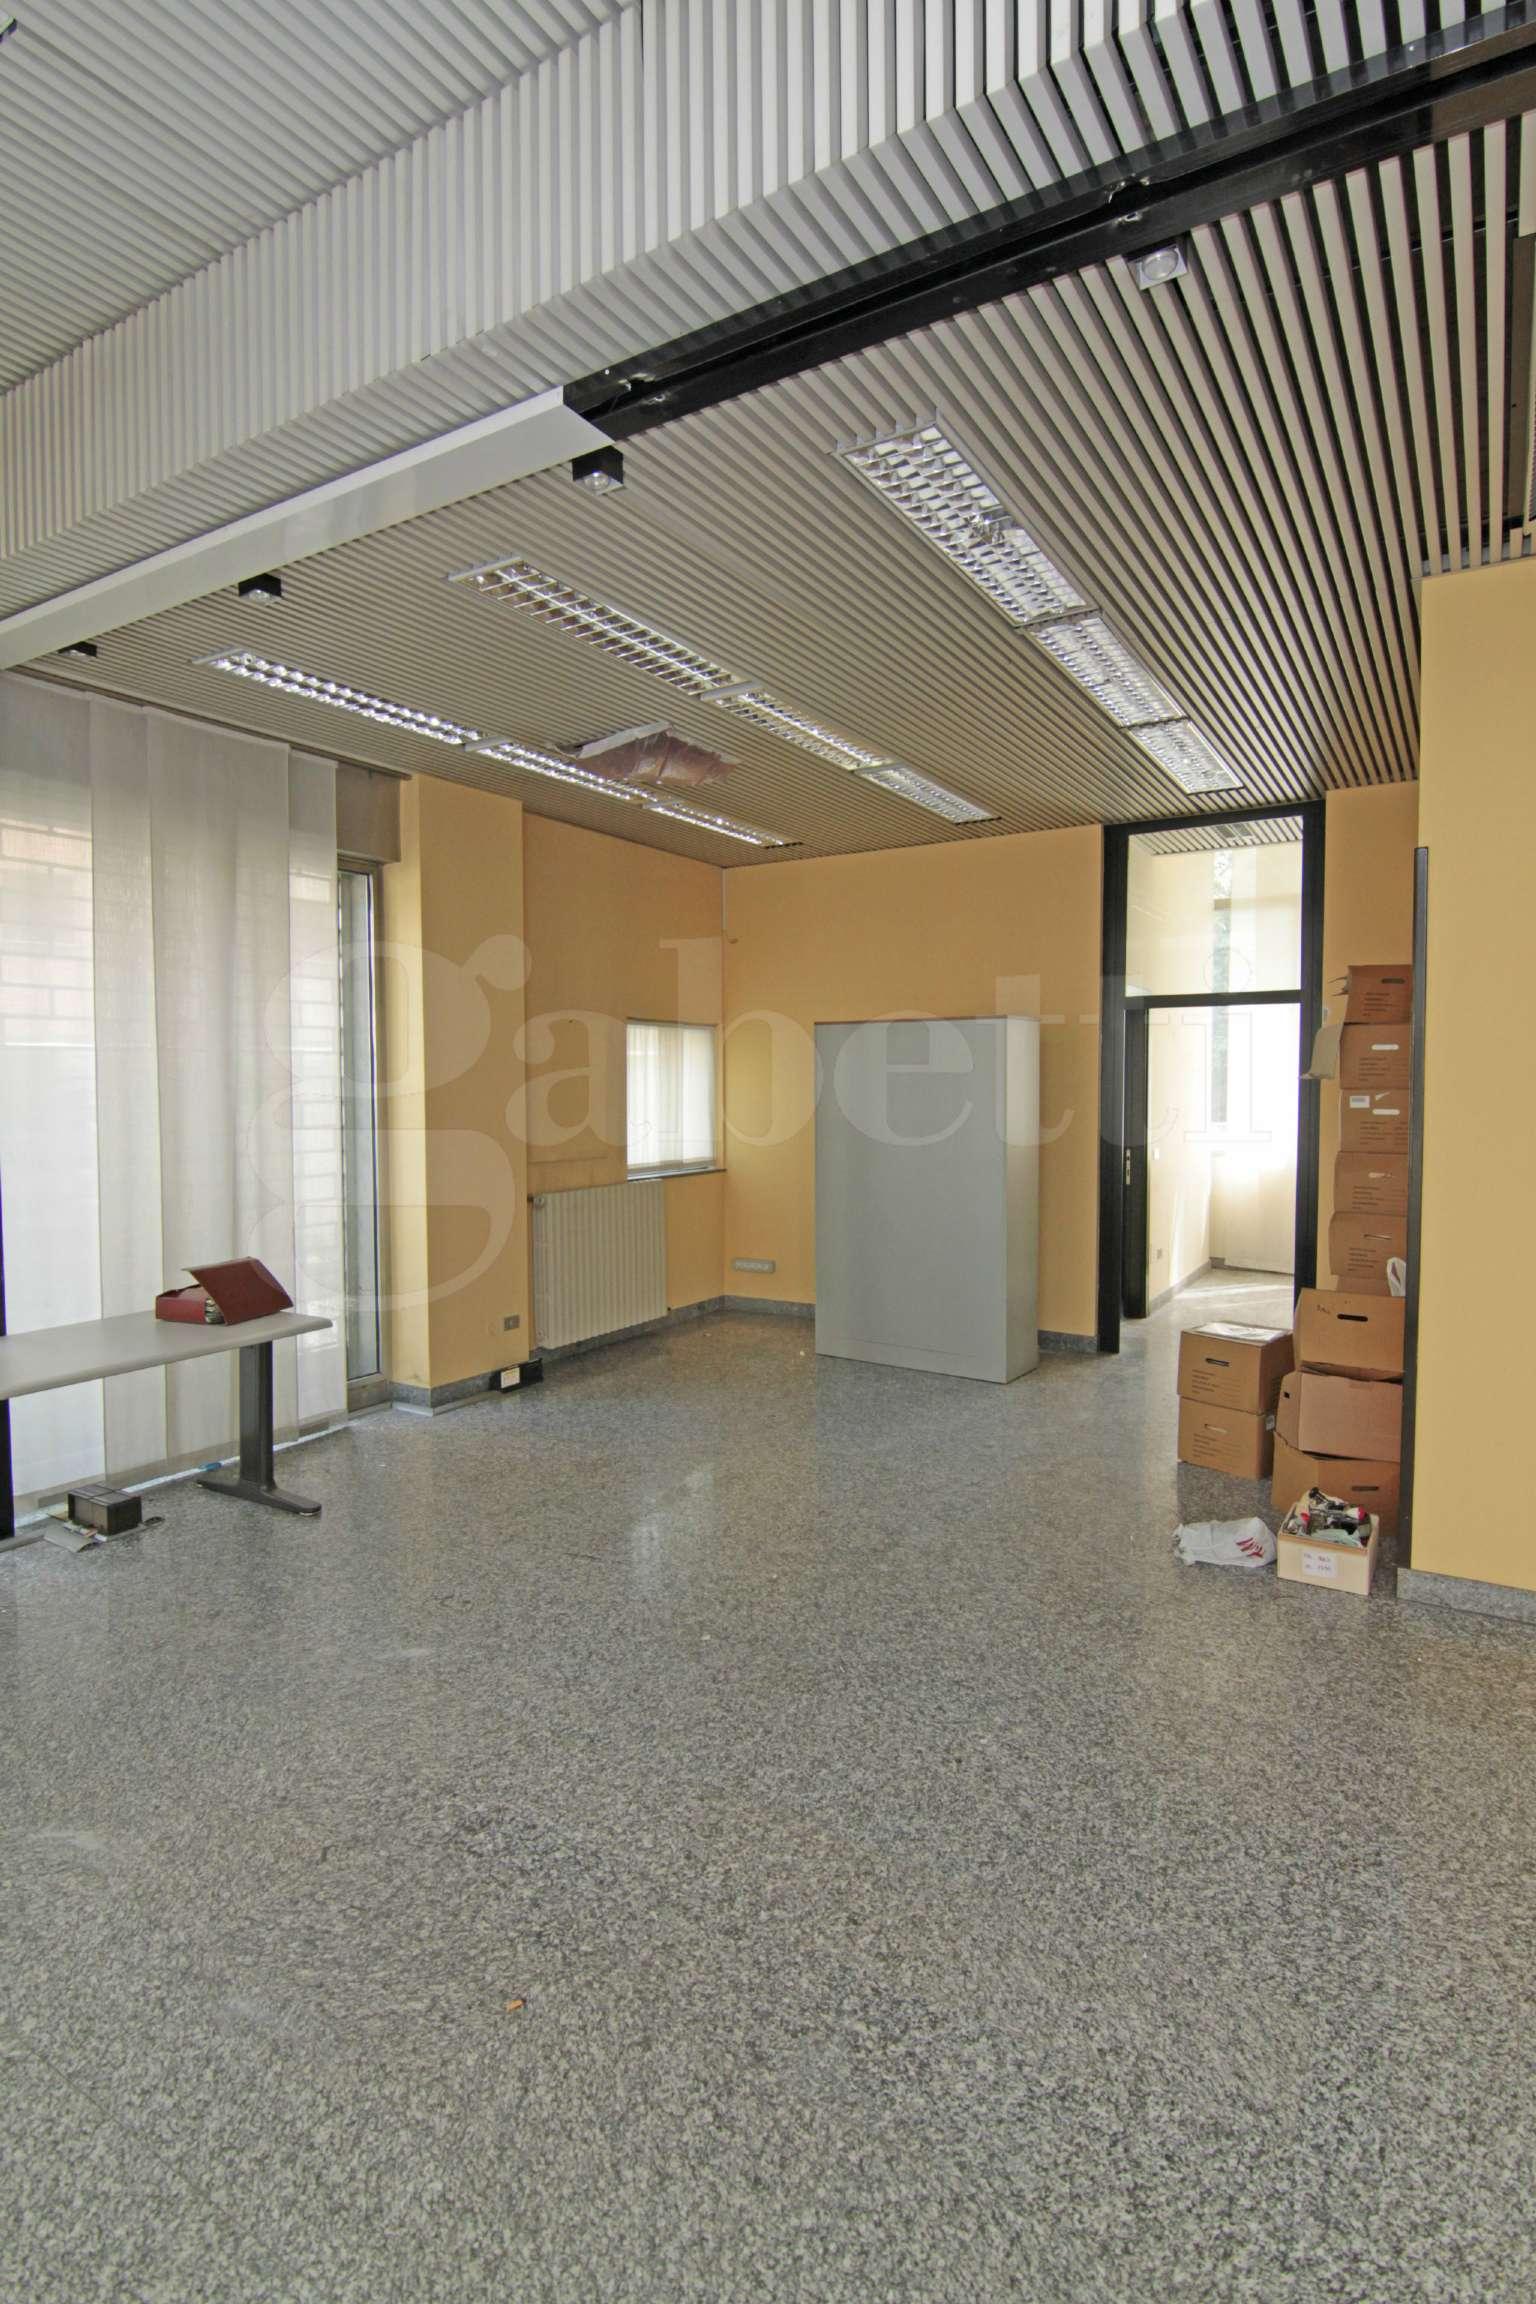 Negozio / Locale in vendita a Busto Arsizio, 10 locali, prezzo € 337.000 | CambioCasa.it